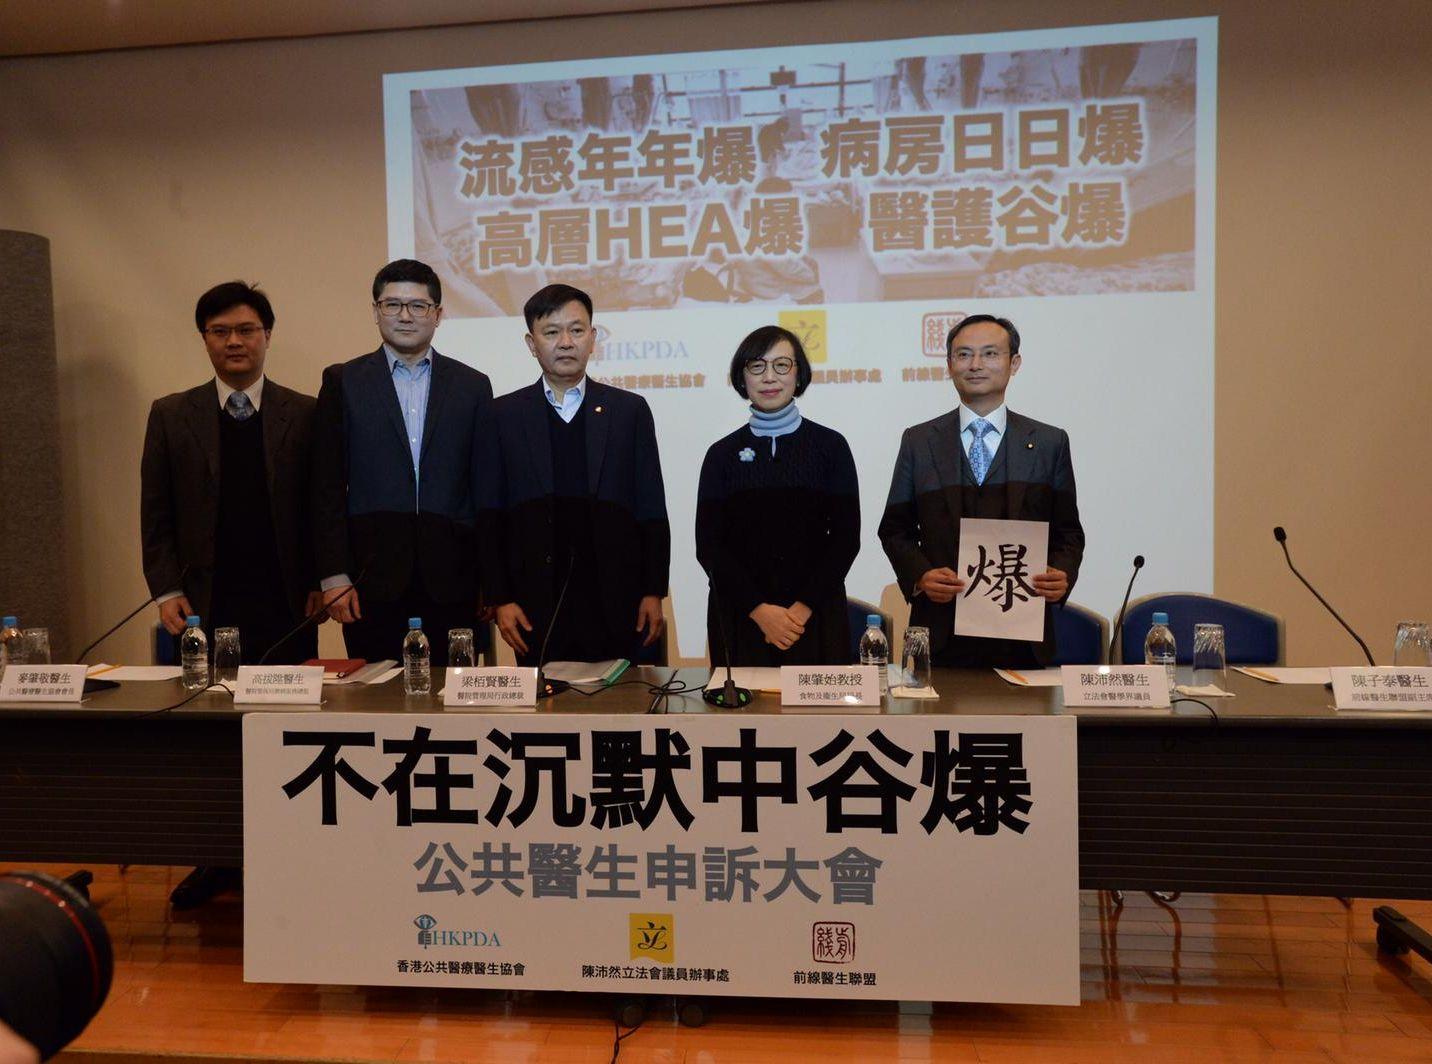 陳肇始、徐德義、梁栢賢等出席申訴大會。